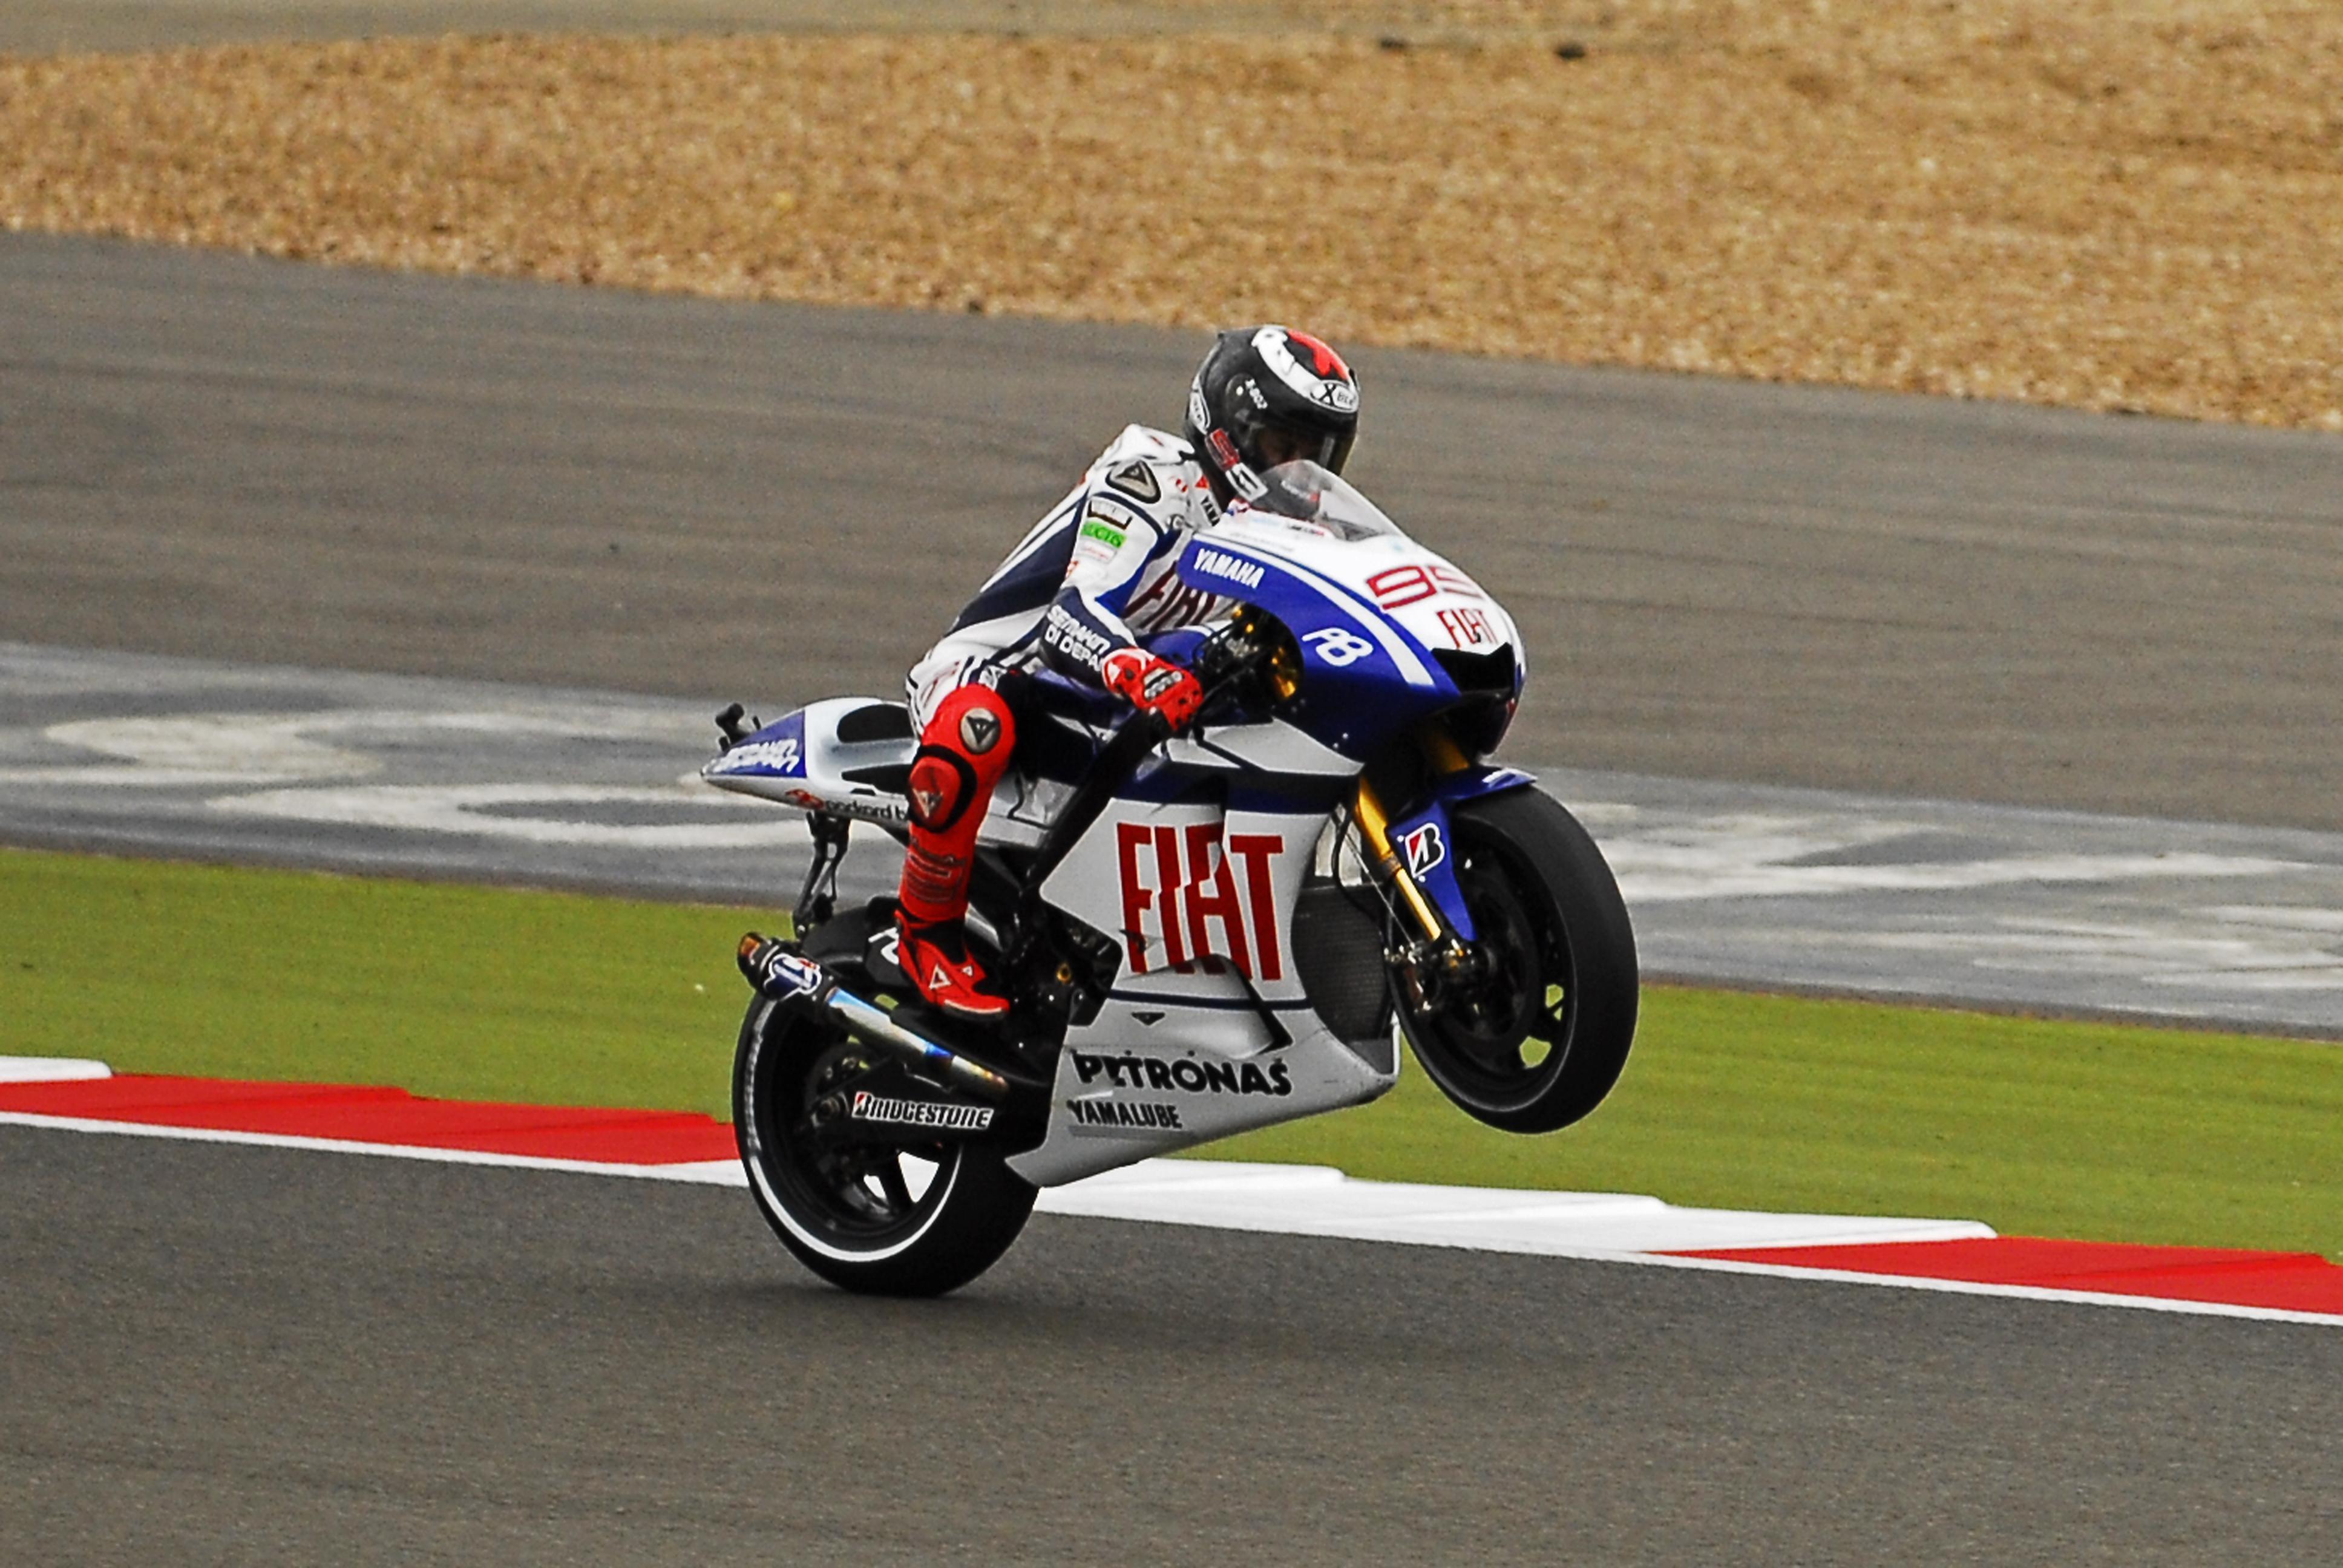 Yamaha Motogp Bike